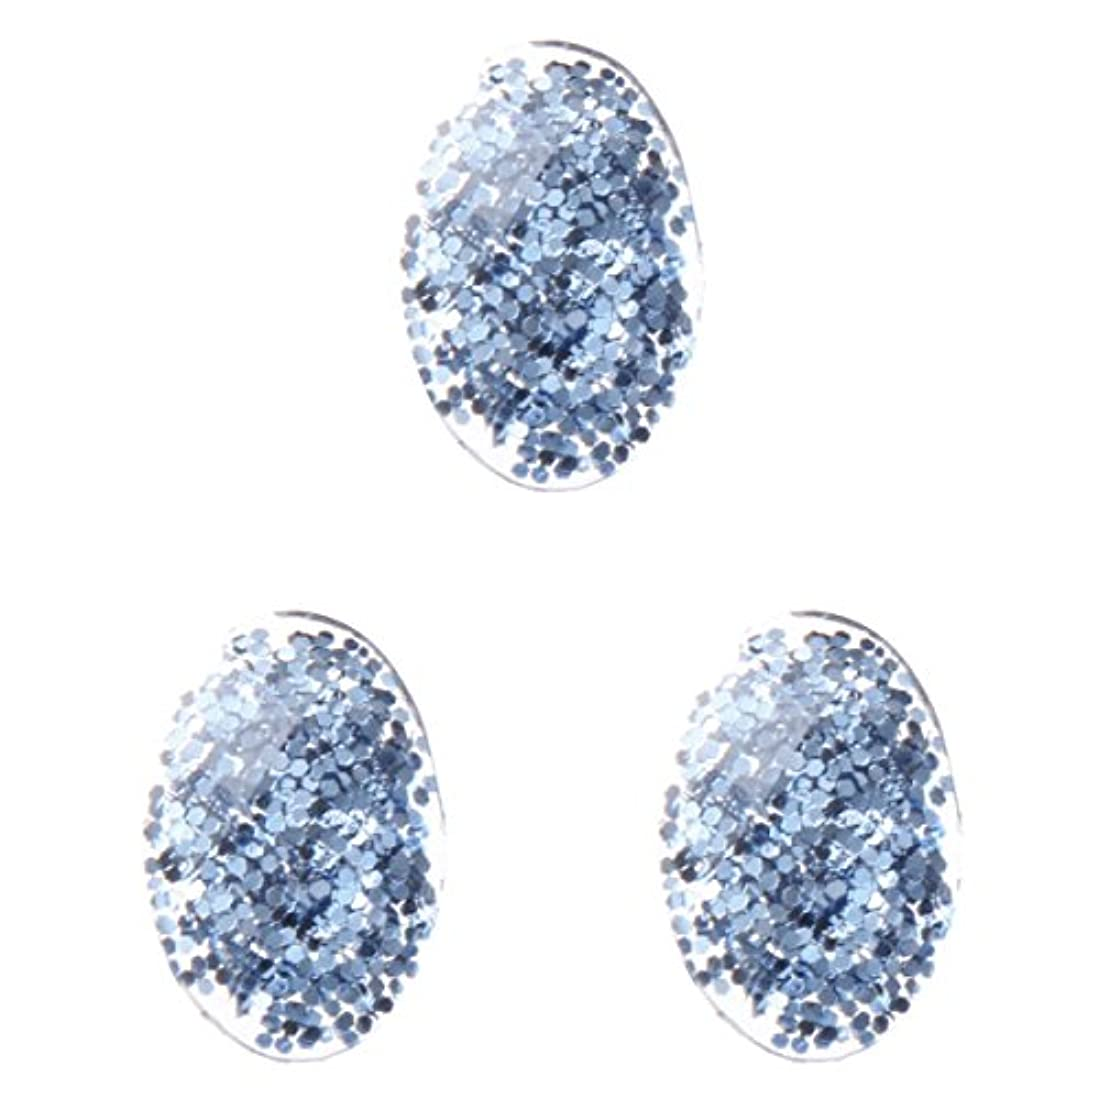 球体の頭の上アノイ<エトゥベラ>ファンタジーストーン オーバル3×5mm(各30個) ブルー(3x5mm)